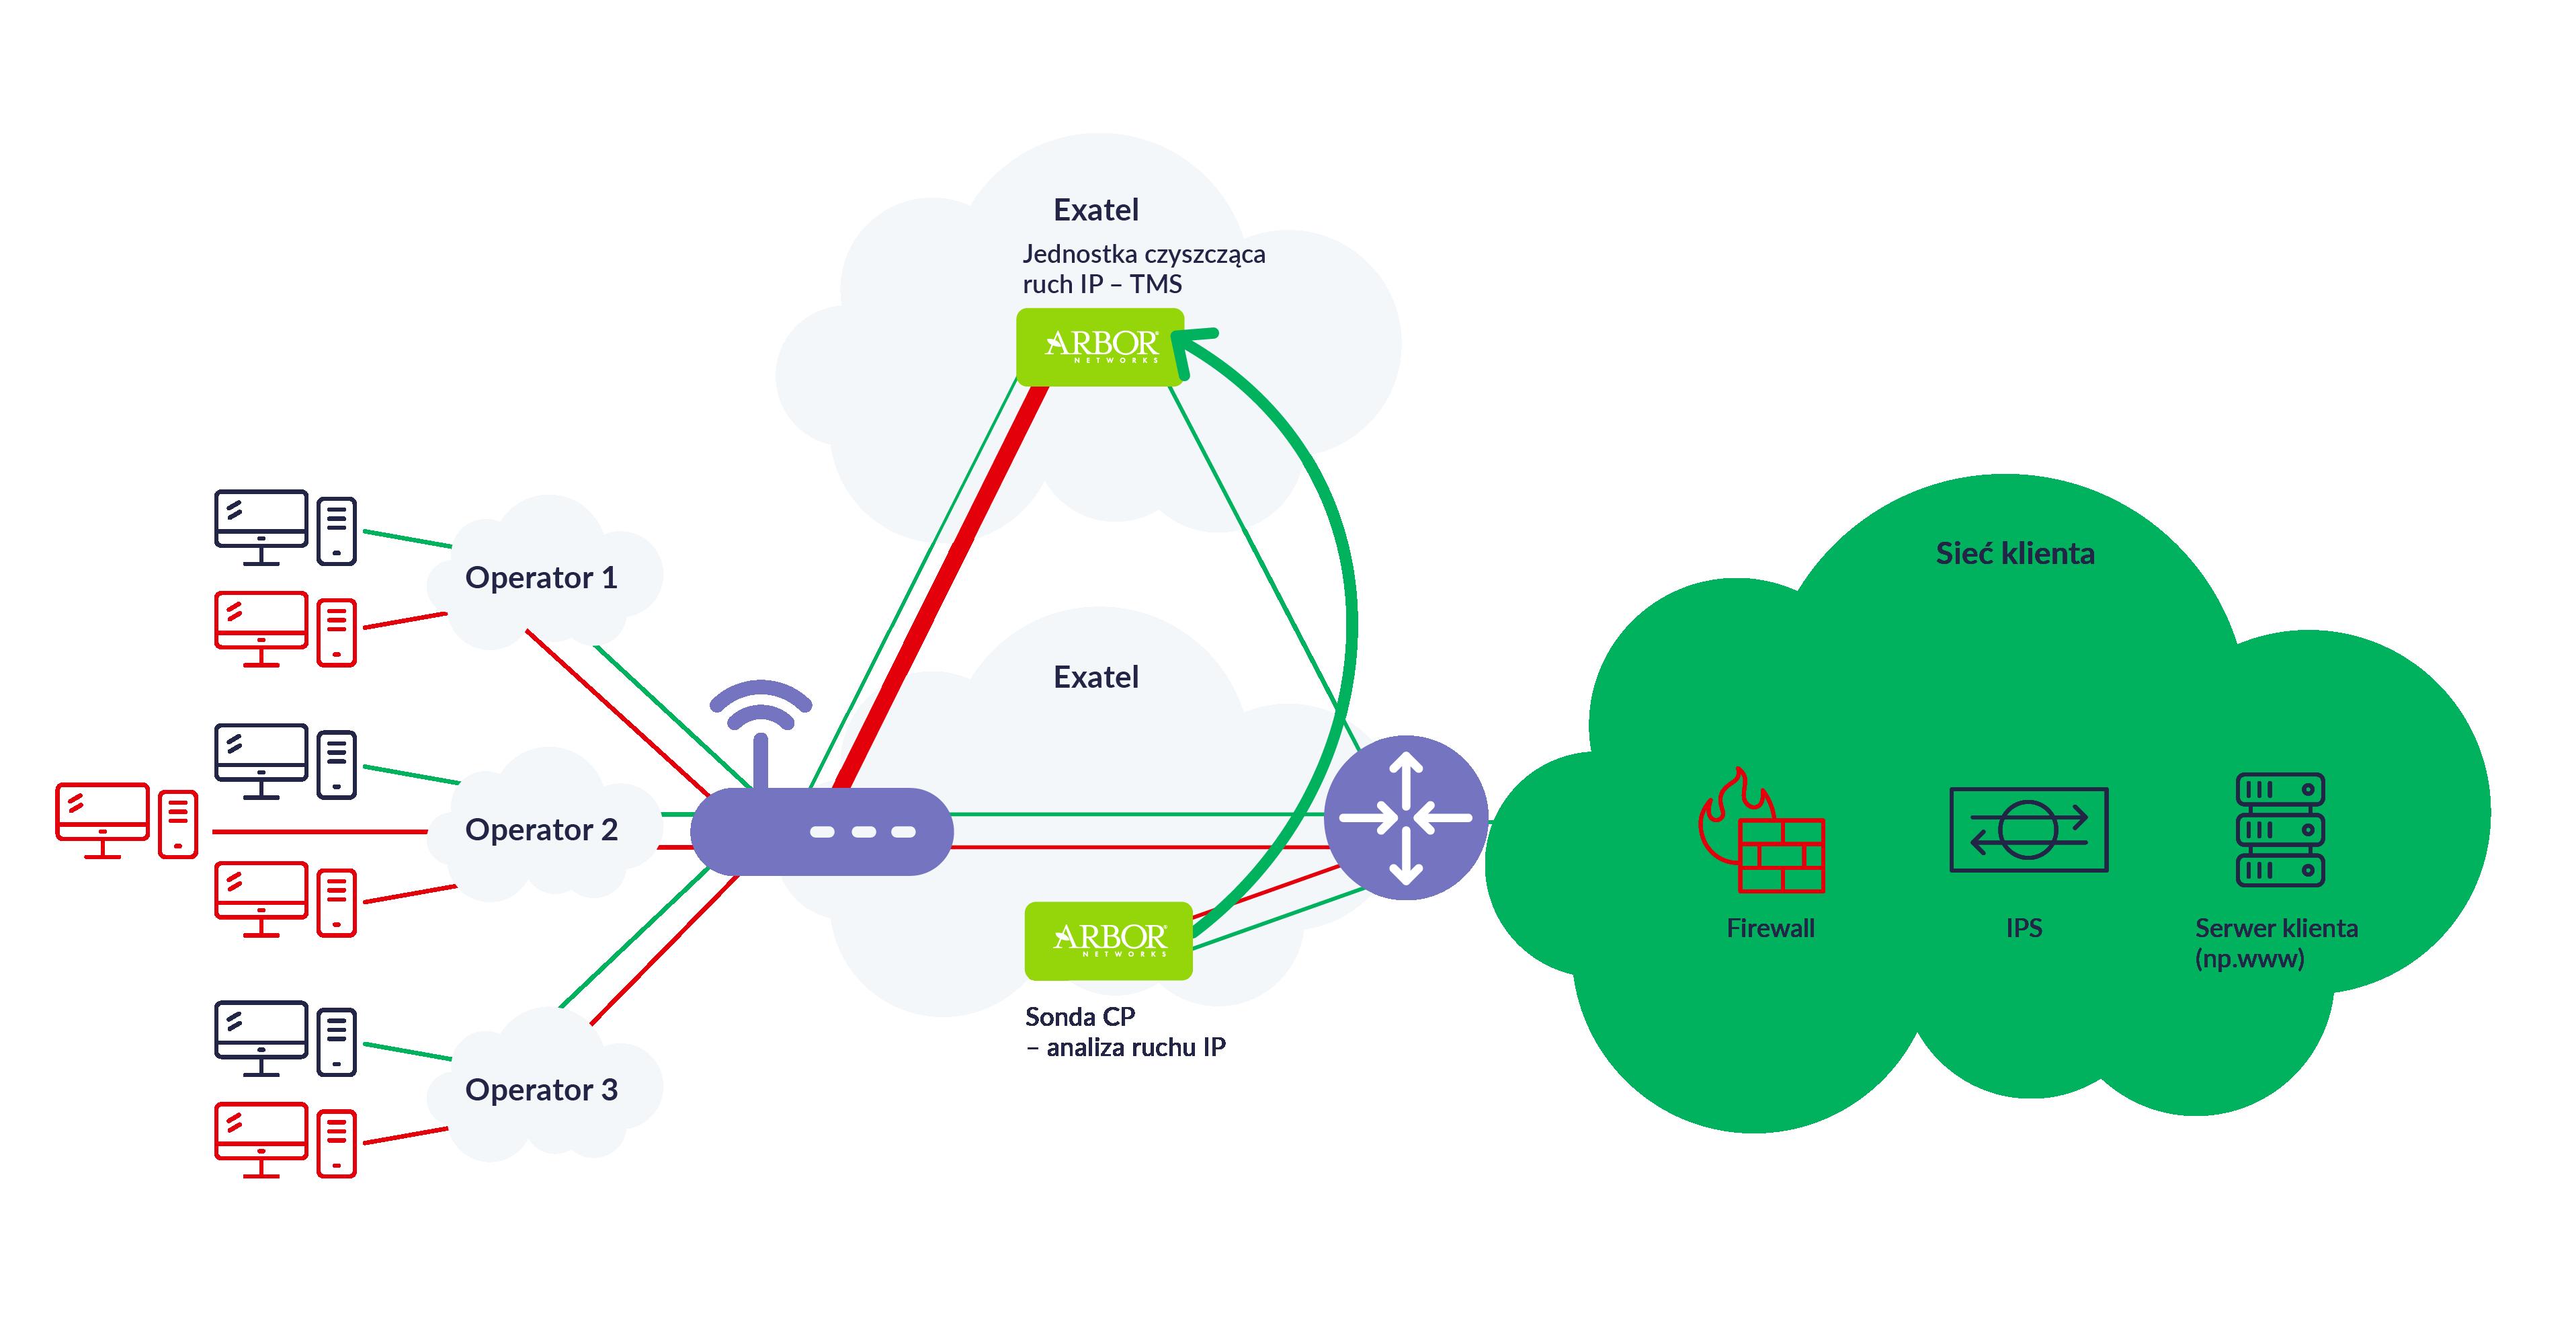 Infografika przedstawiająca scheman rozwiązań anty DDoS w Exatelu